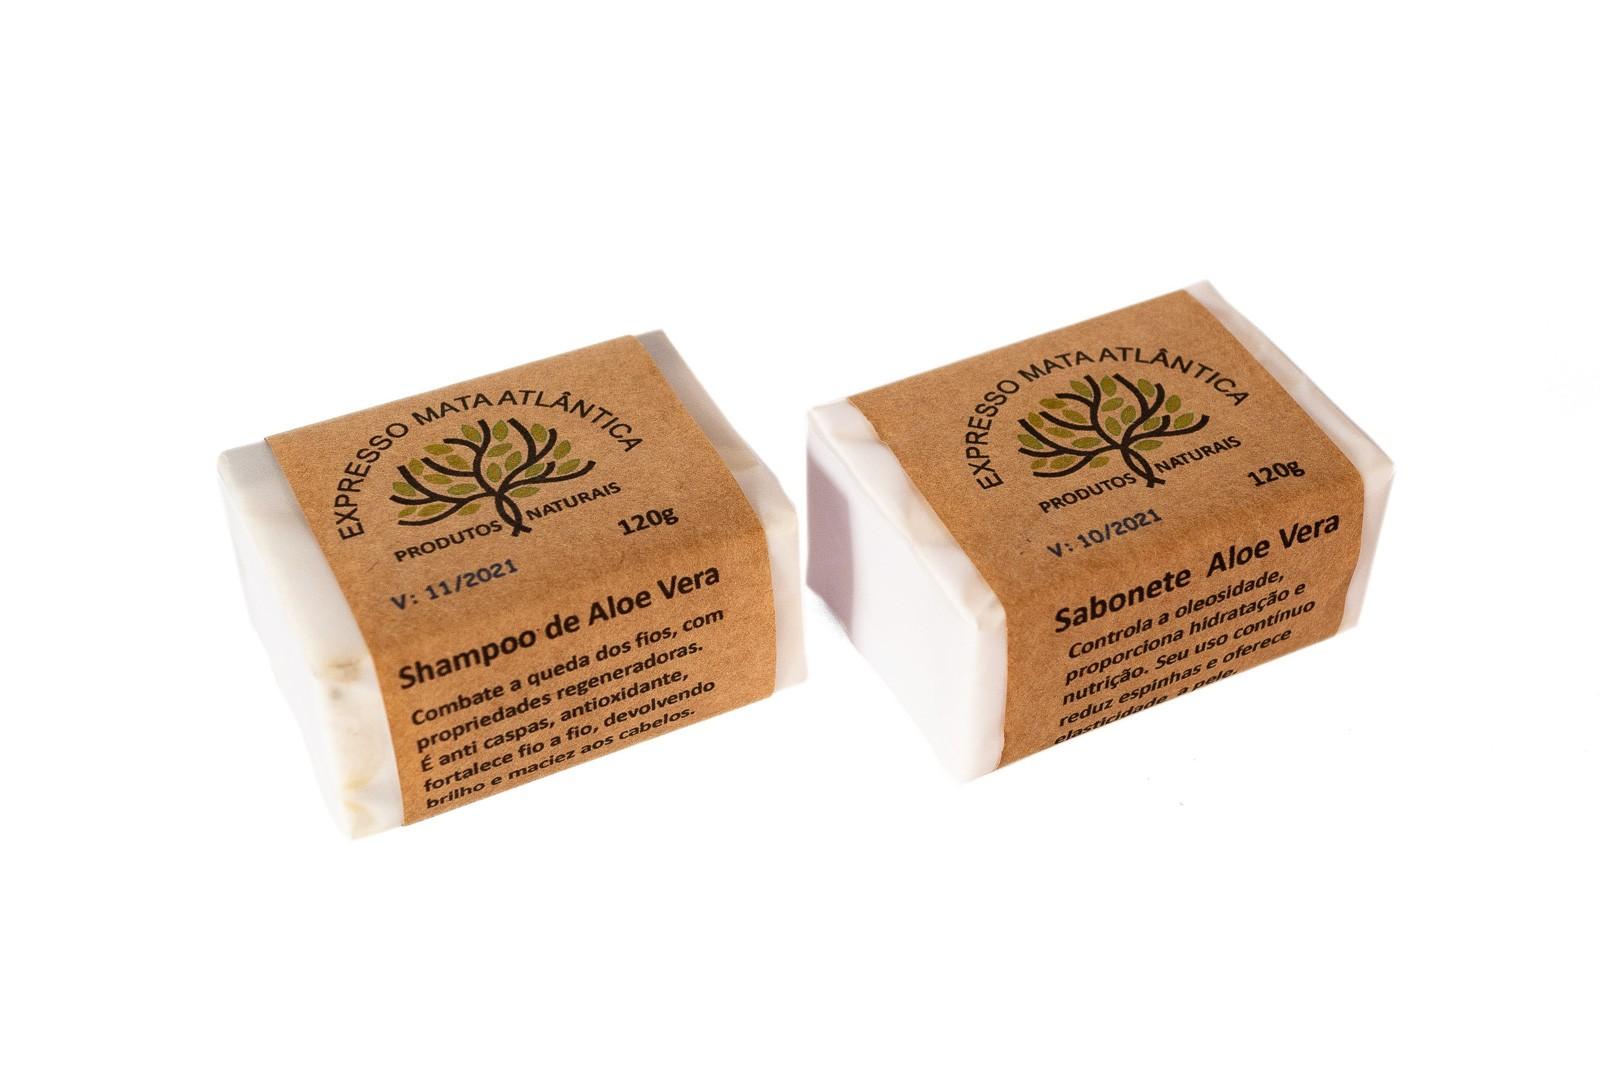 Shampoo barra e sabonete Natural Vegano  Aloe Vera da Expresso Mata Atlântica